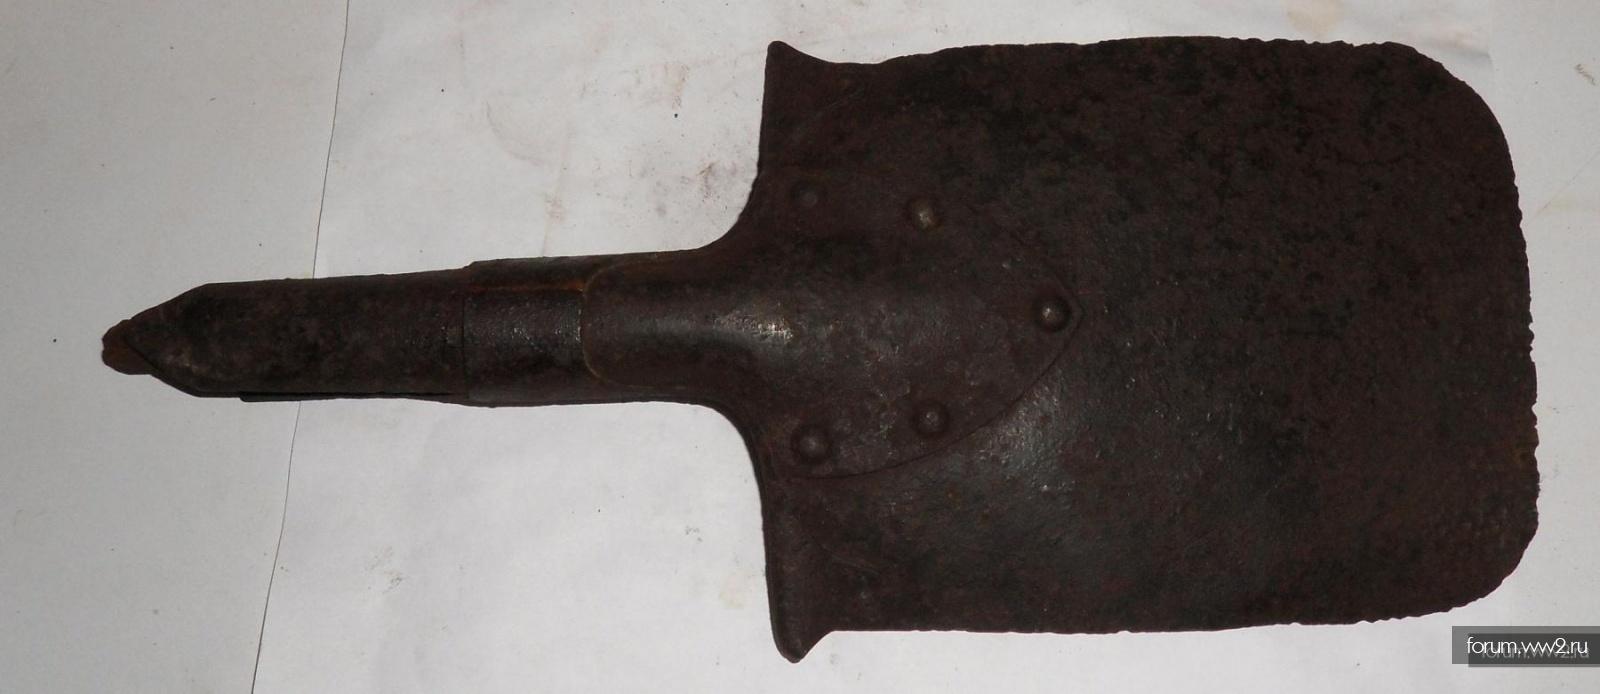 Редкая немецкая малая лопатка. Два клейма